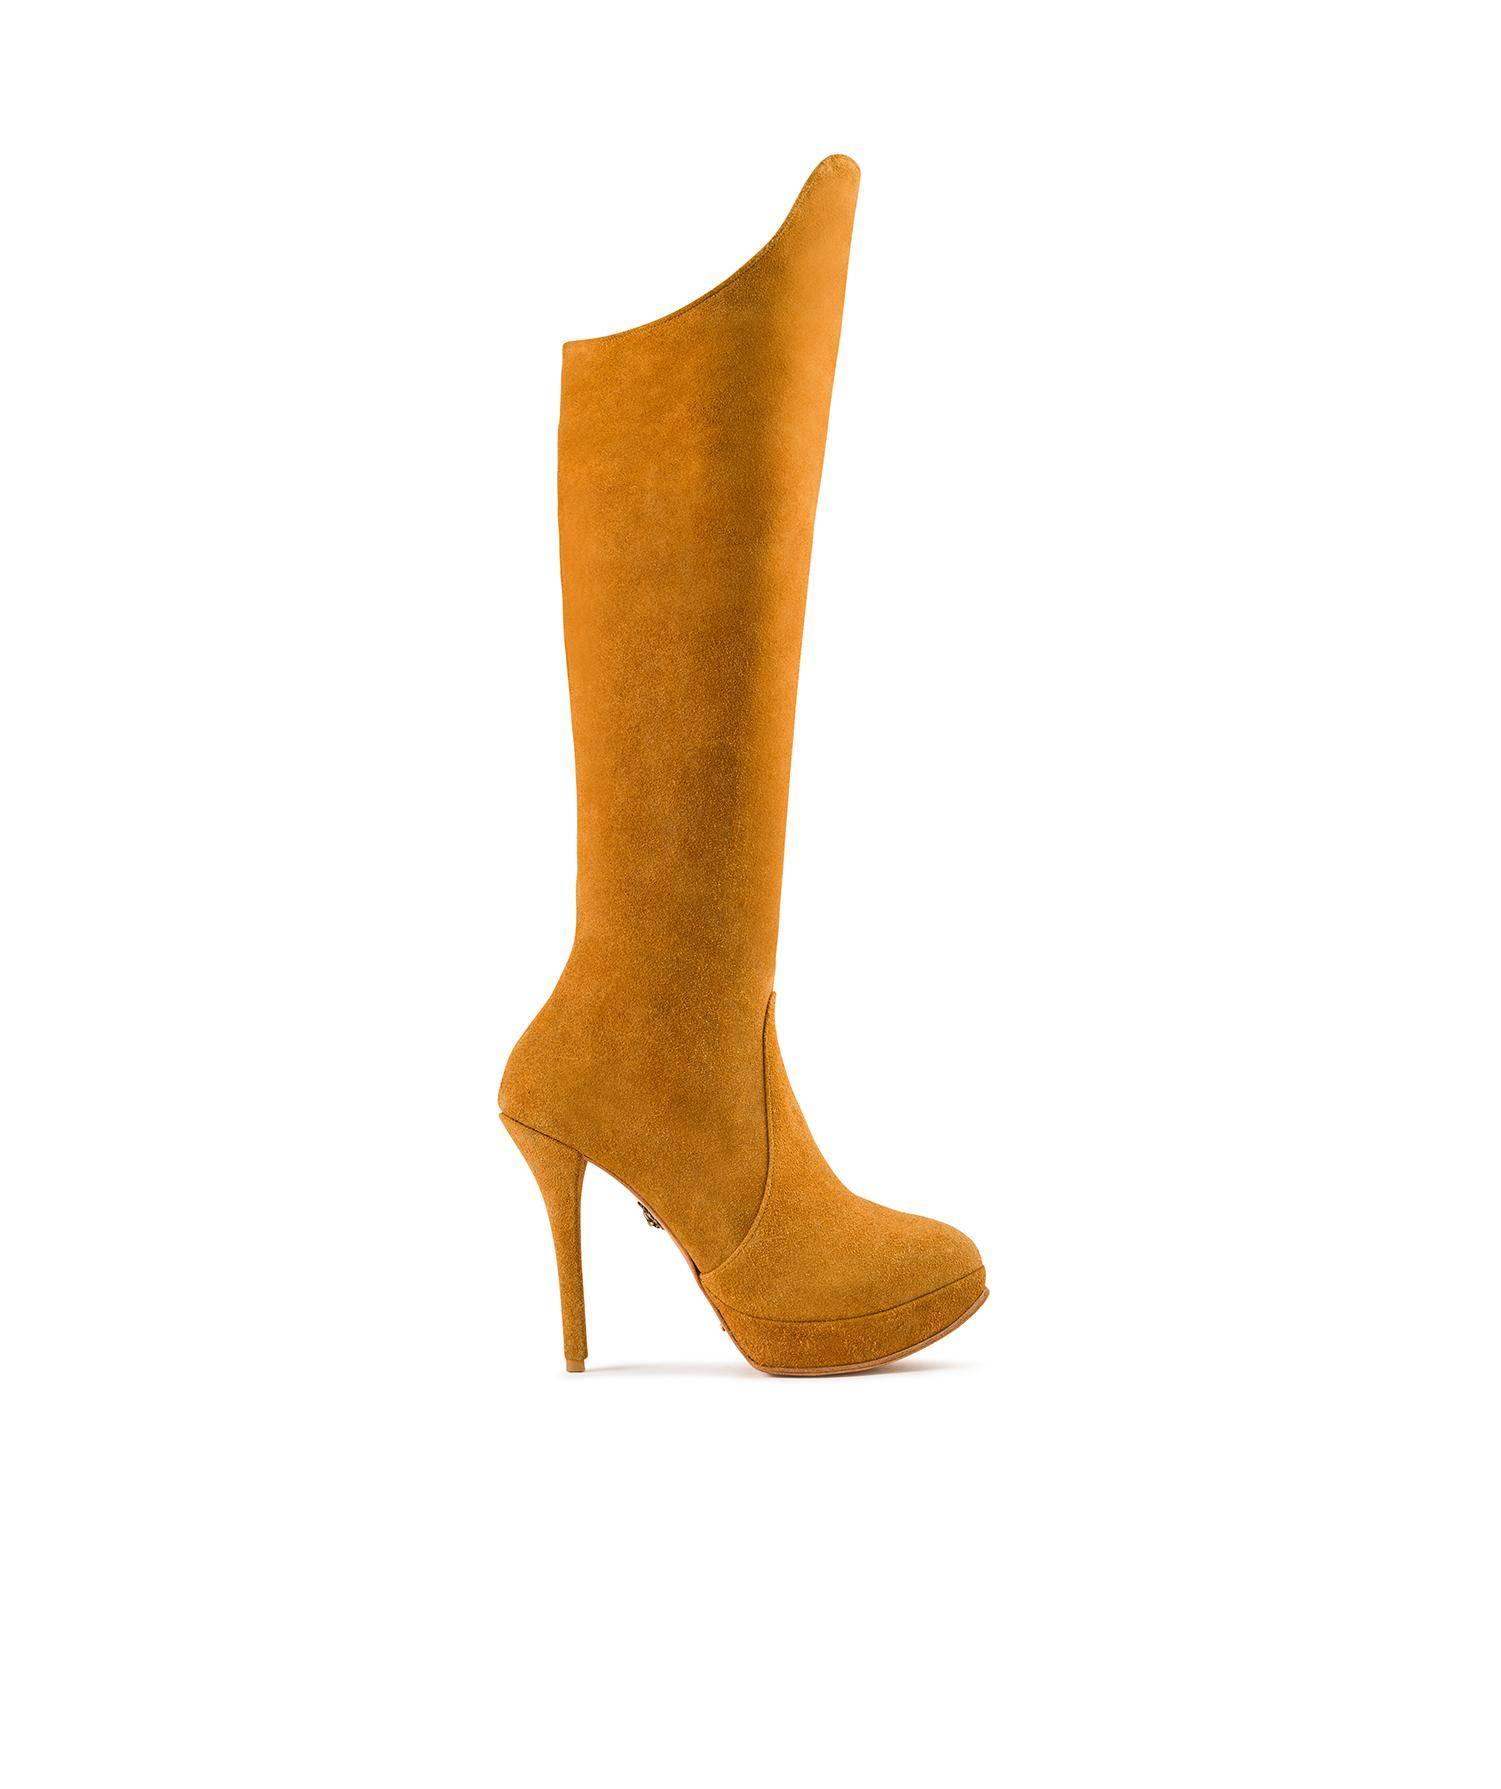 último descuento correr zapatos venta minorista BOTAS OTK MIEL CAÑA ALTA TACON AGUJA